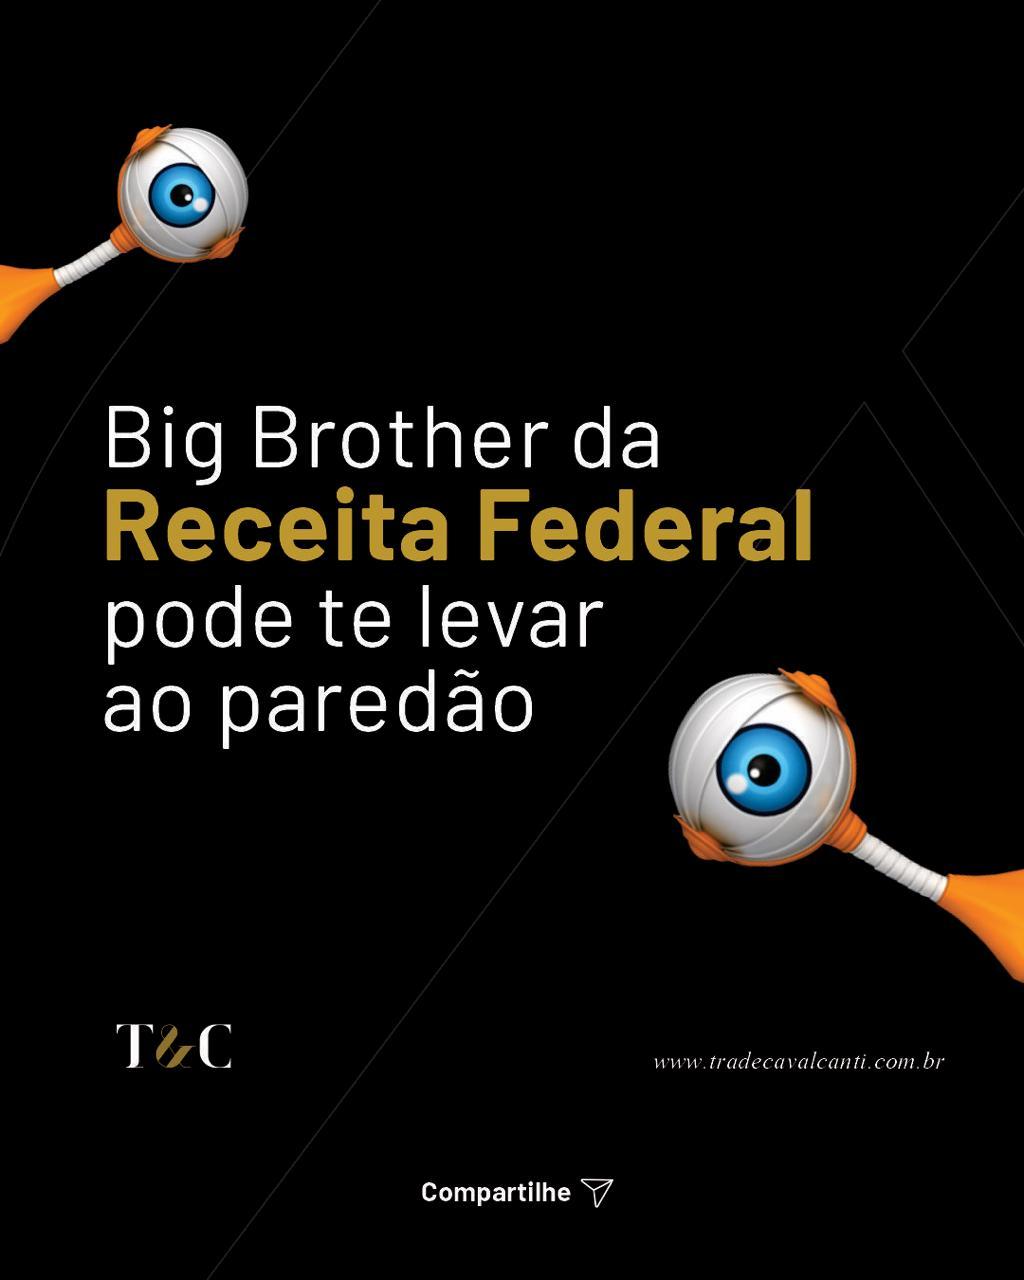 Big Brother da Receita Federal pode te levar ao paredão.